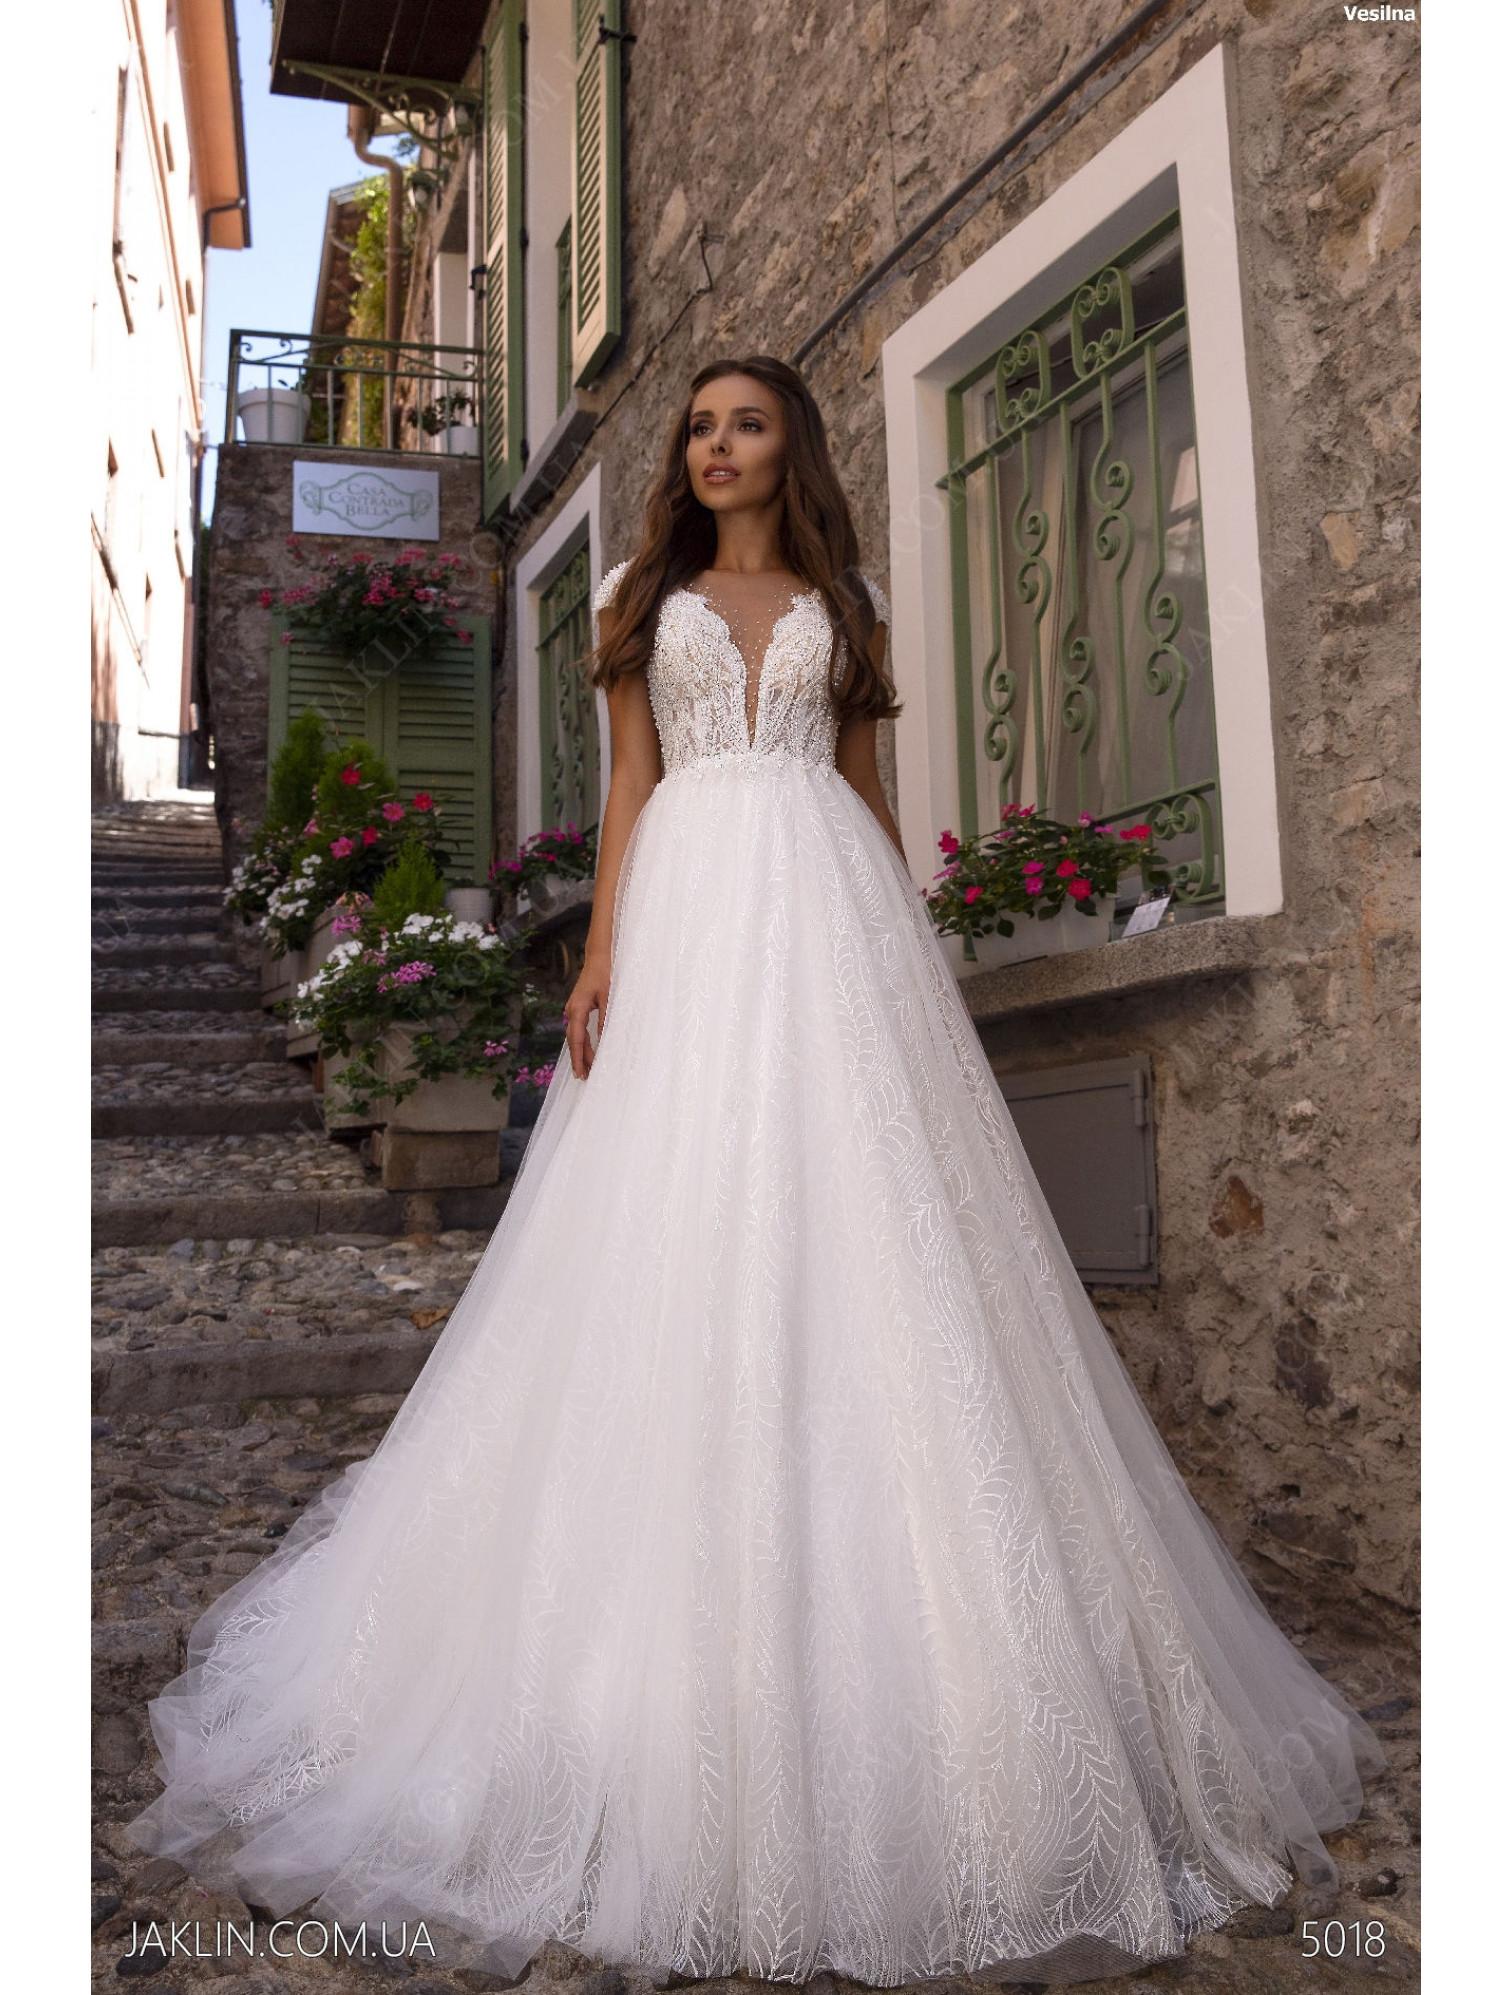 Весільна сукня 5018